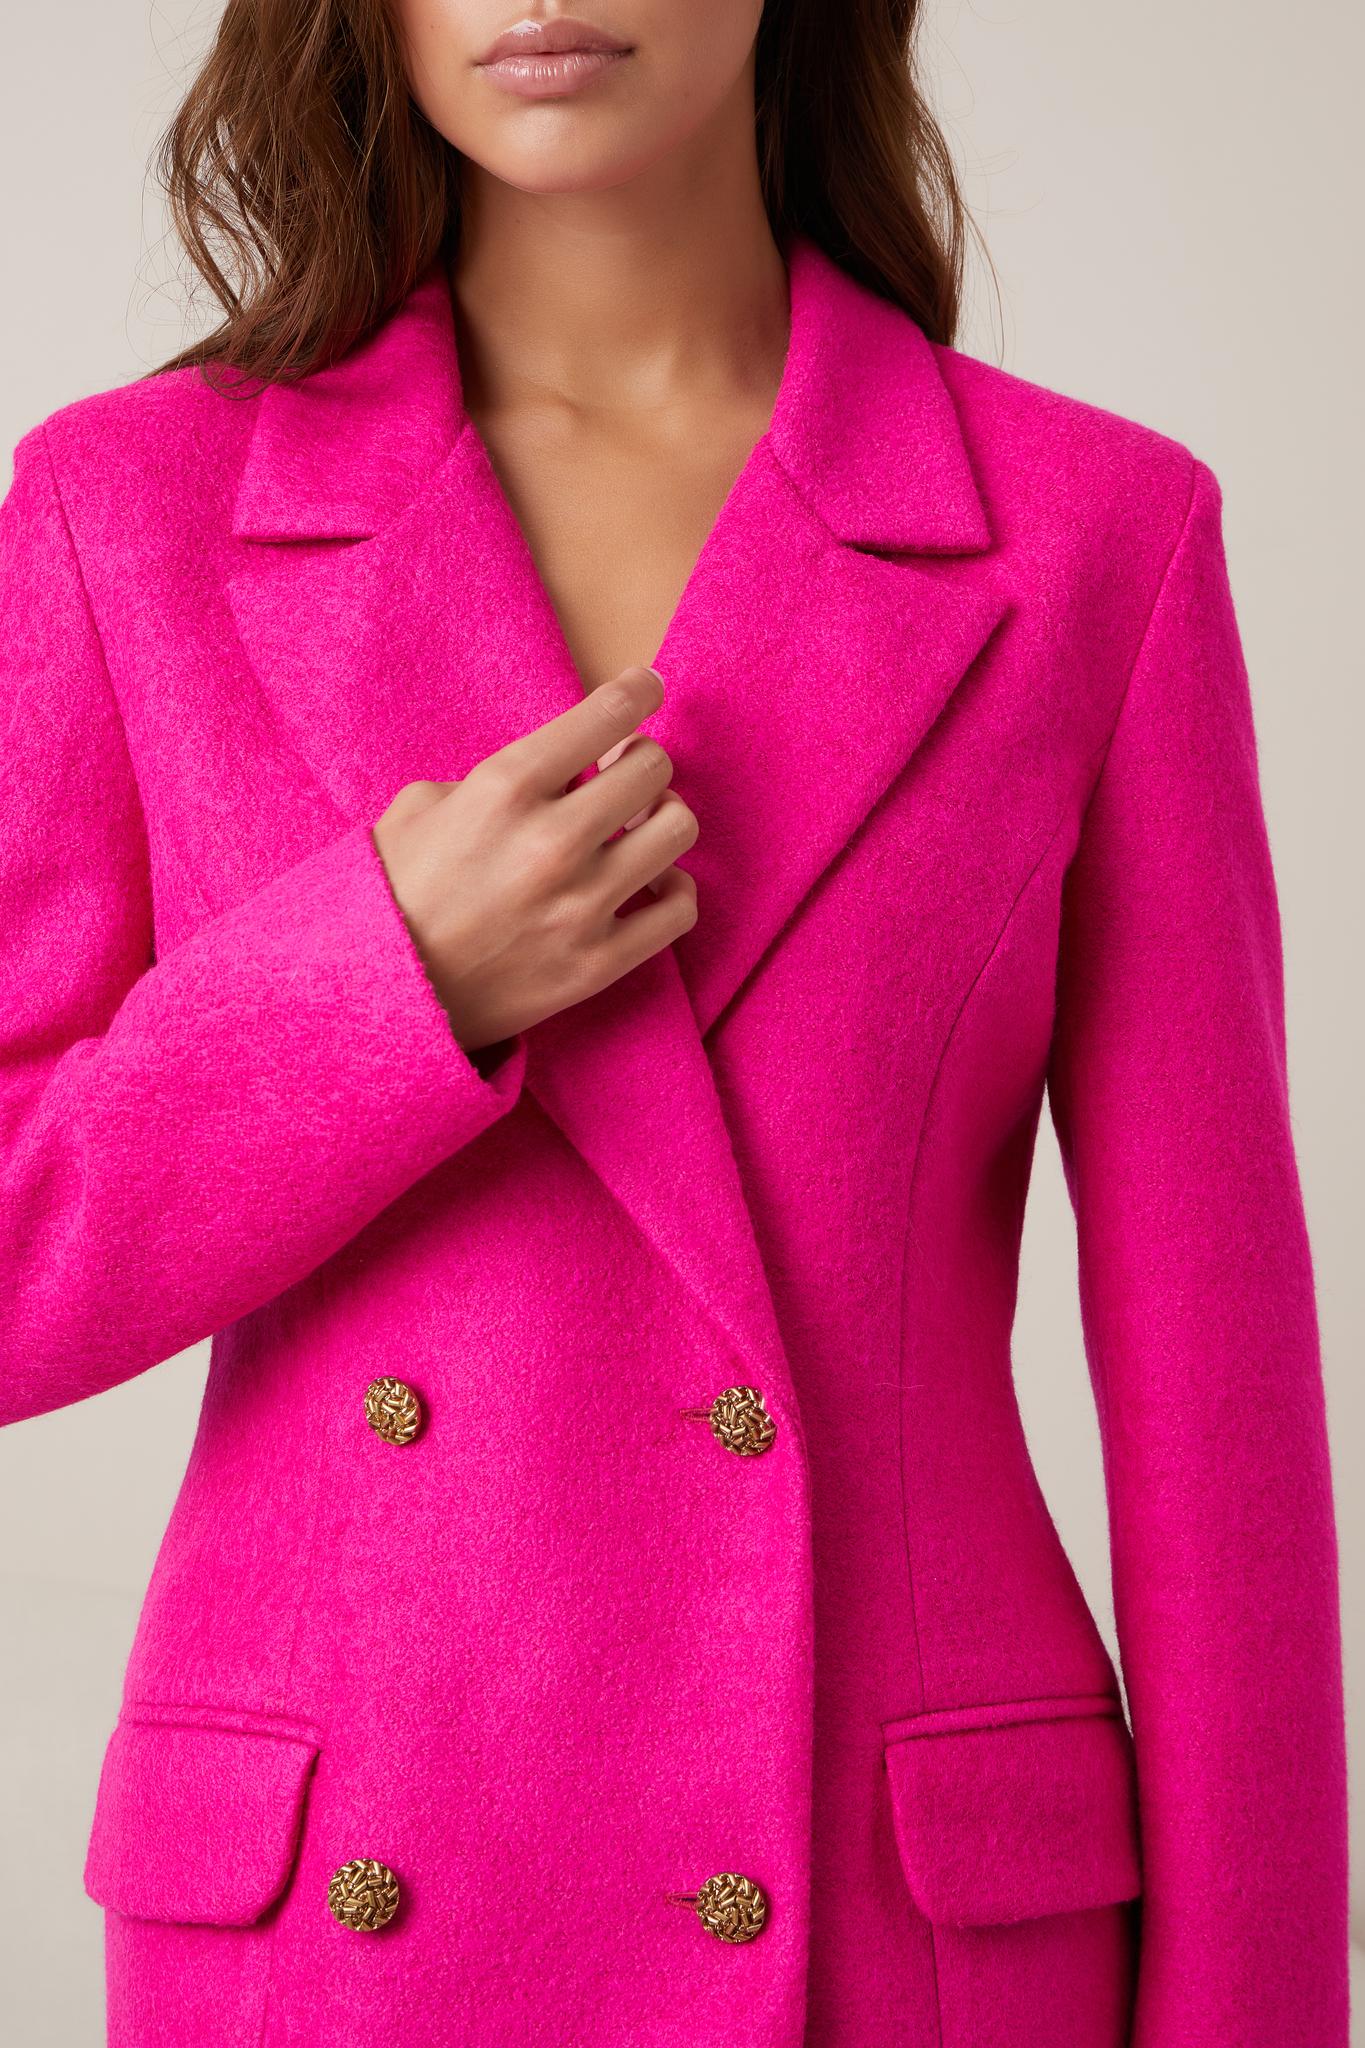 Теплый двубортный приталенный пиджак (фуксия)